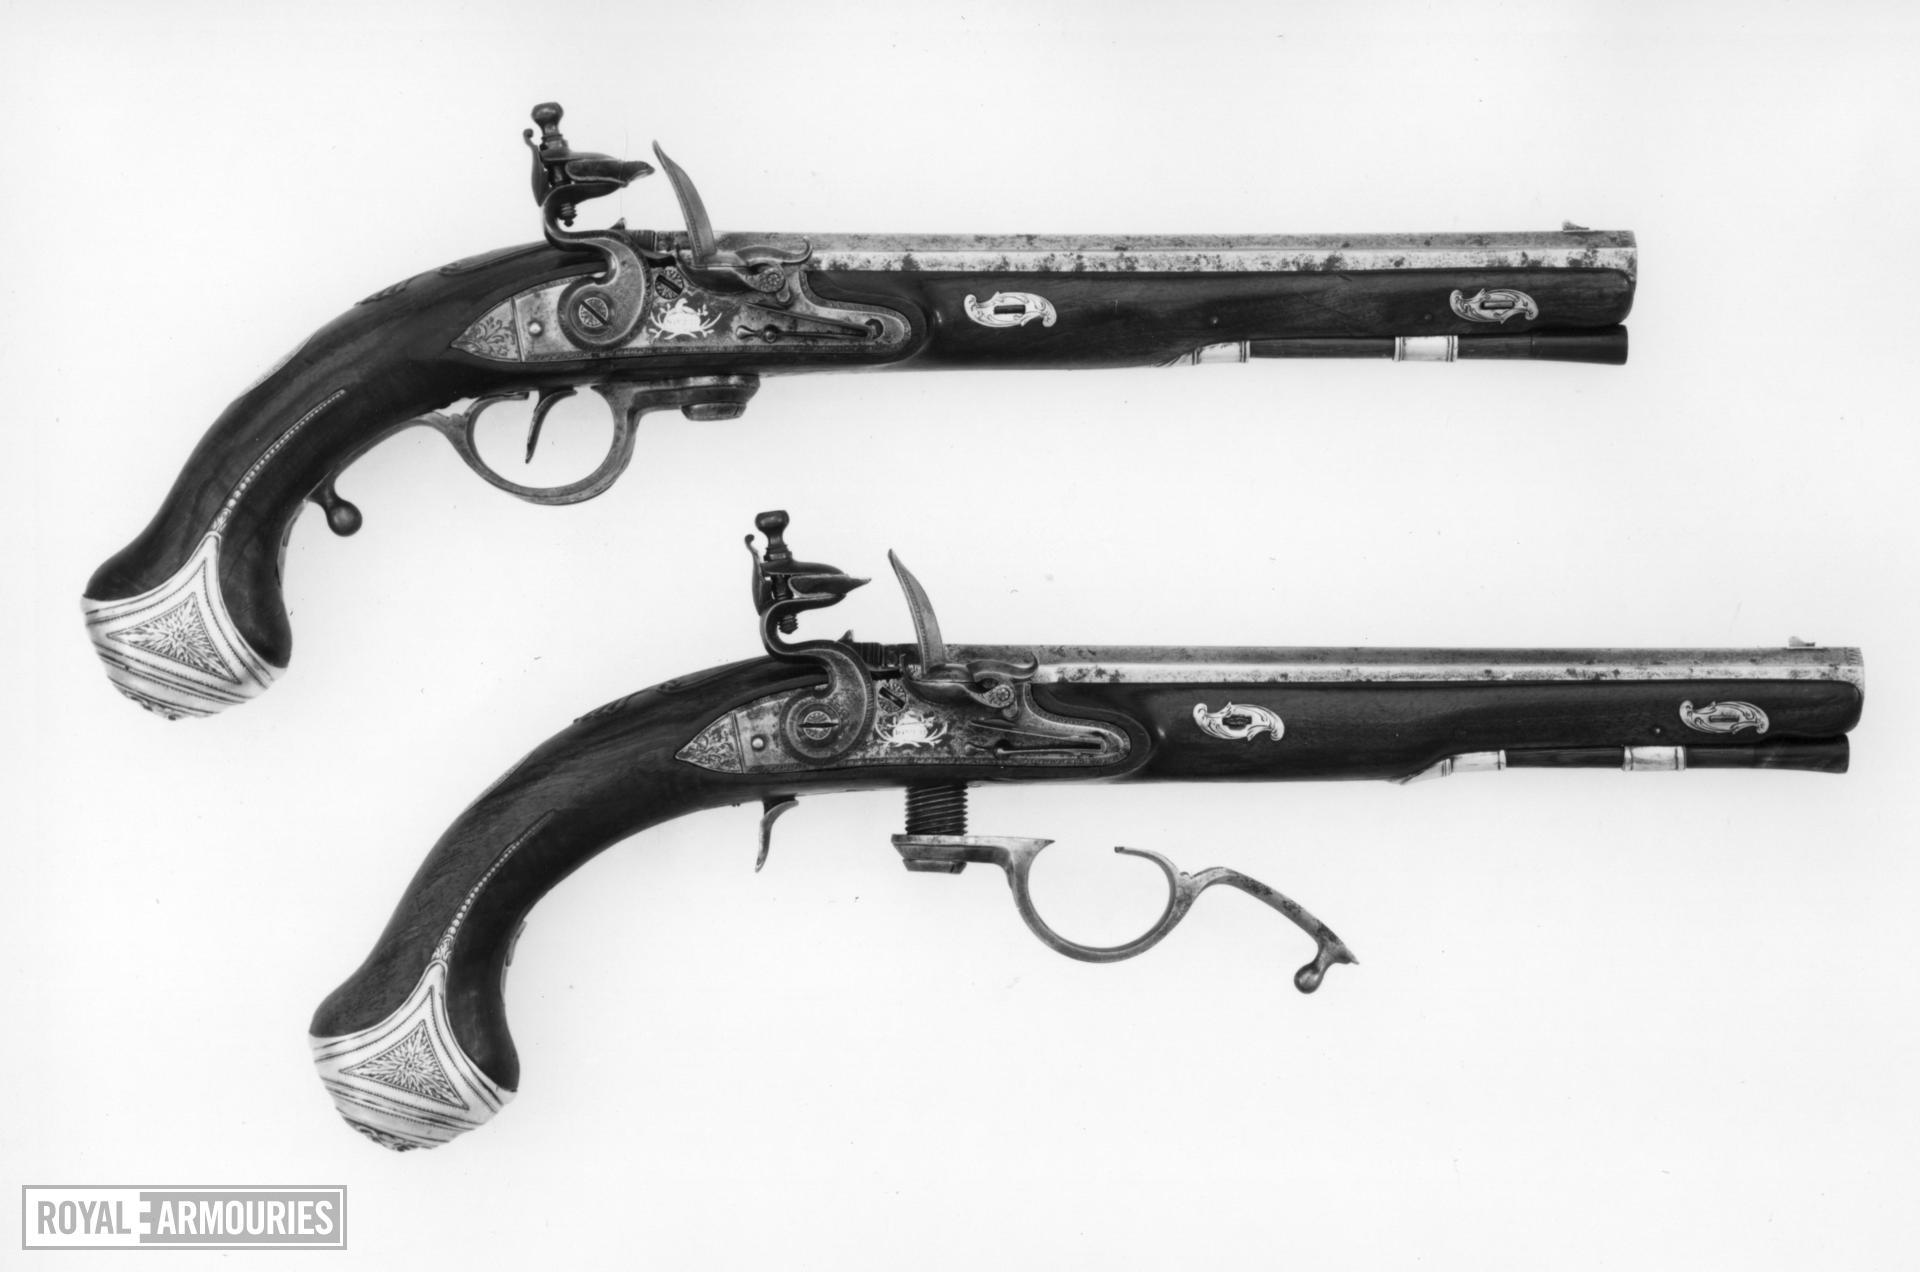 Flintlock breech-loading holster pistol